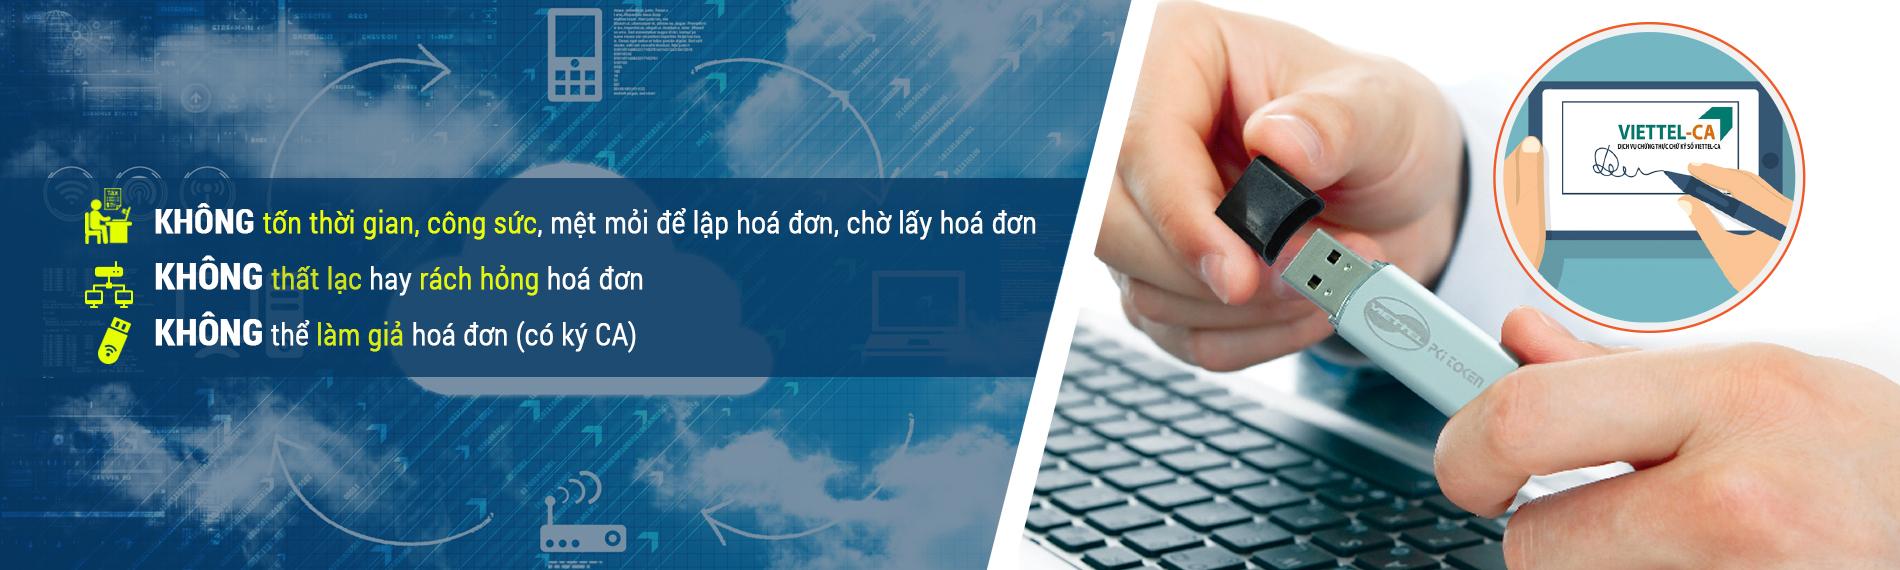 Những ưu điểm khi sử dụng HDDT